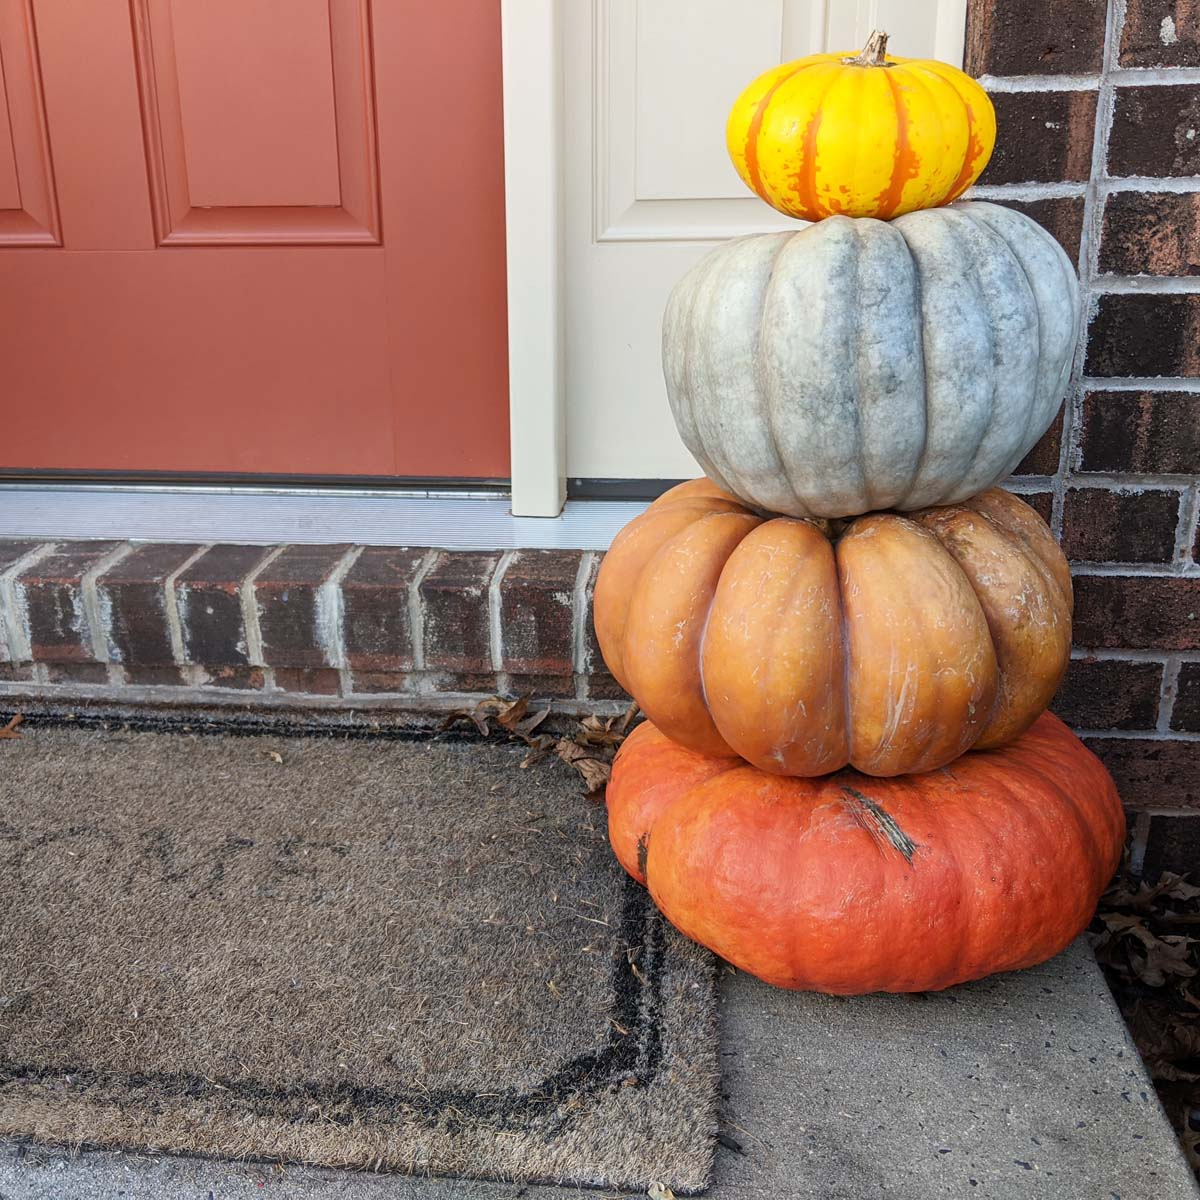 15 Decorative Pumpkins for Your Fall Doorstep